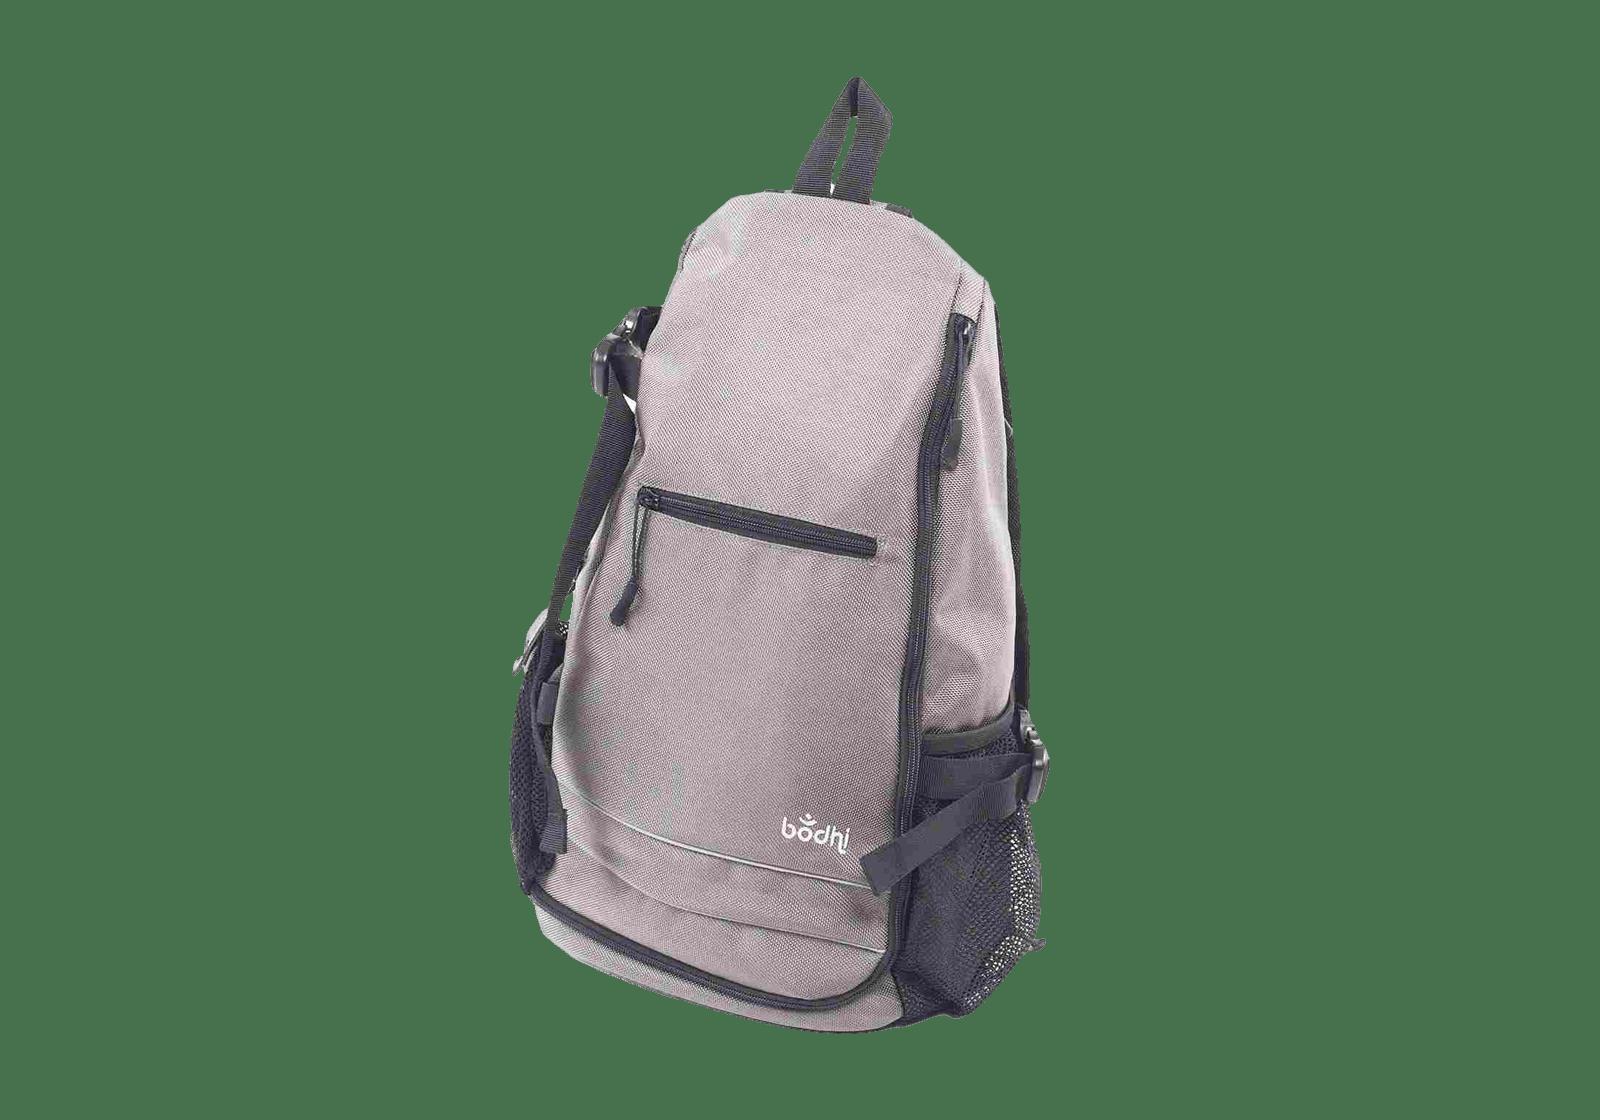 Yoga-backpack-Trikonasana-Bodhi1.png